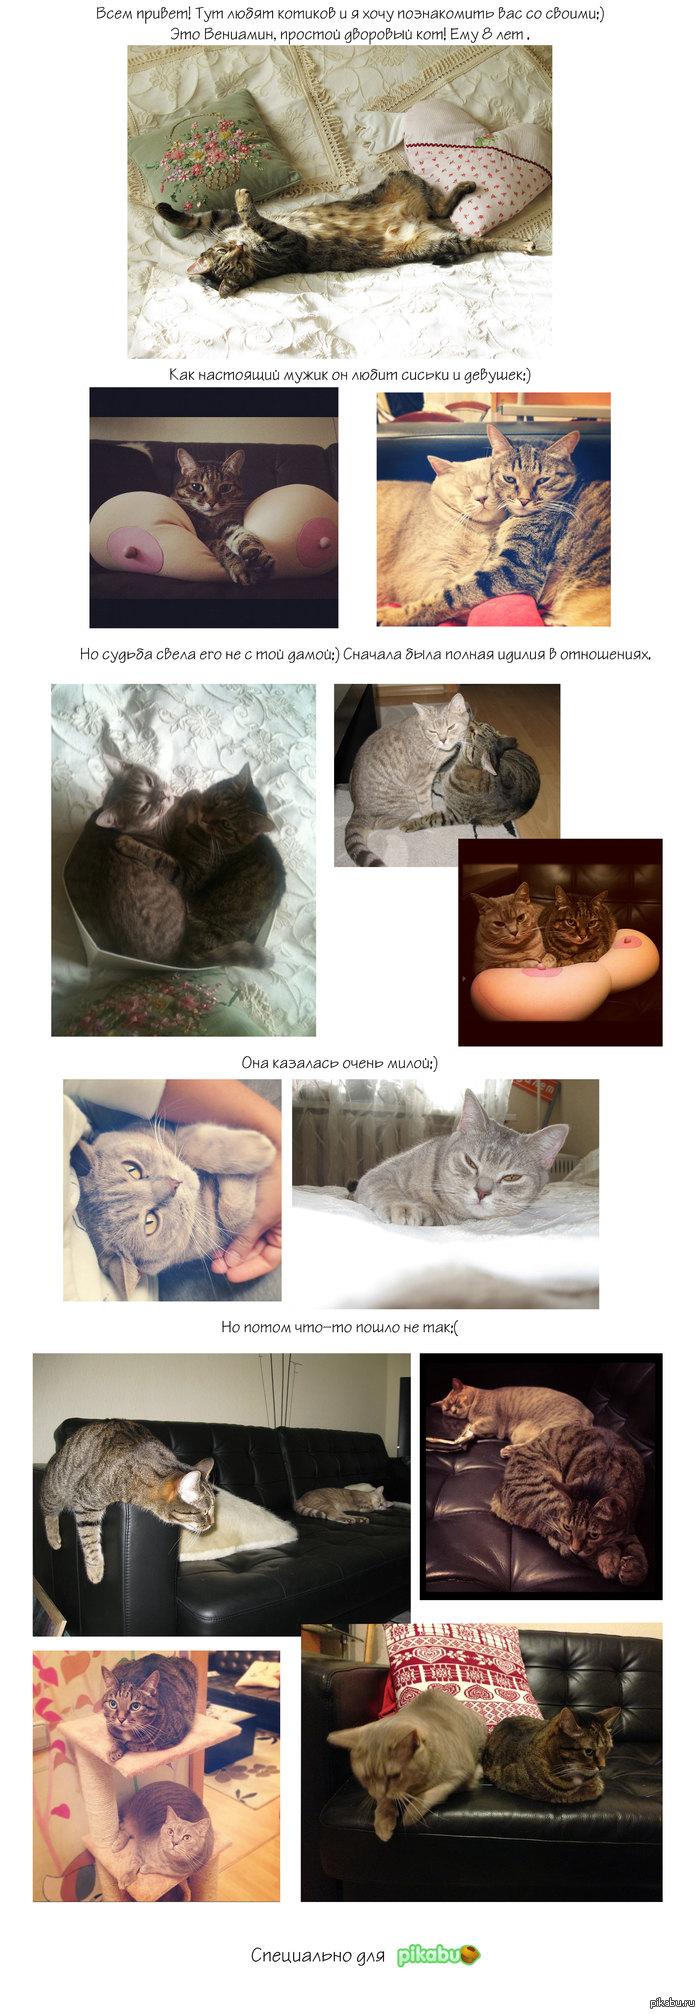 История моего котика:) (Длиннопост) тут любят котиков и я хочу познакомить вас с моими:)